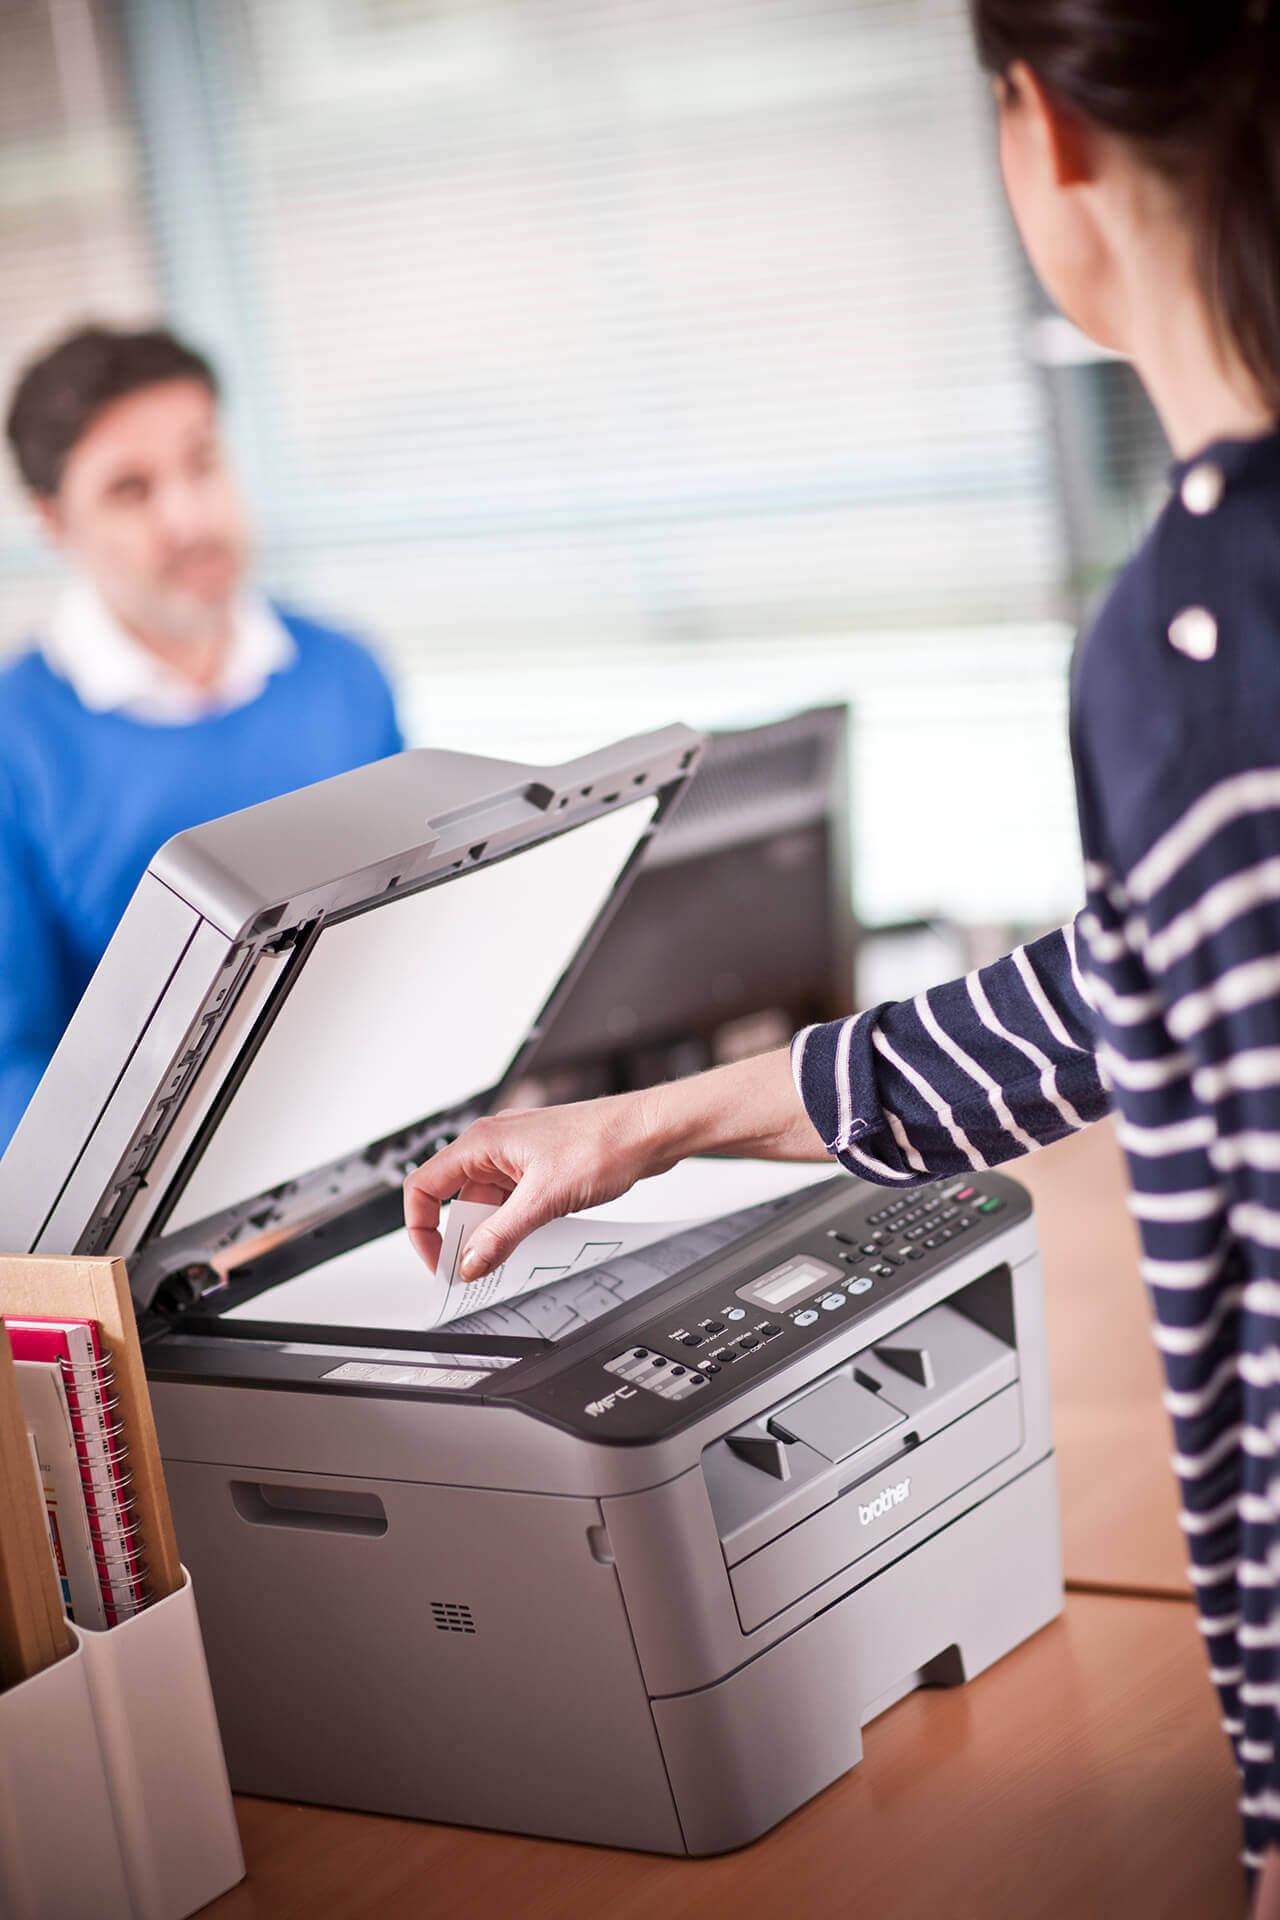 Wszystko co związane z drukiem w Twojej firmie oddaj w nasze ręce. To się po prostu opłaca.